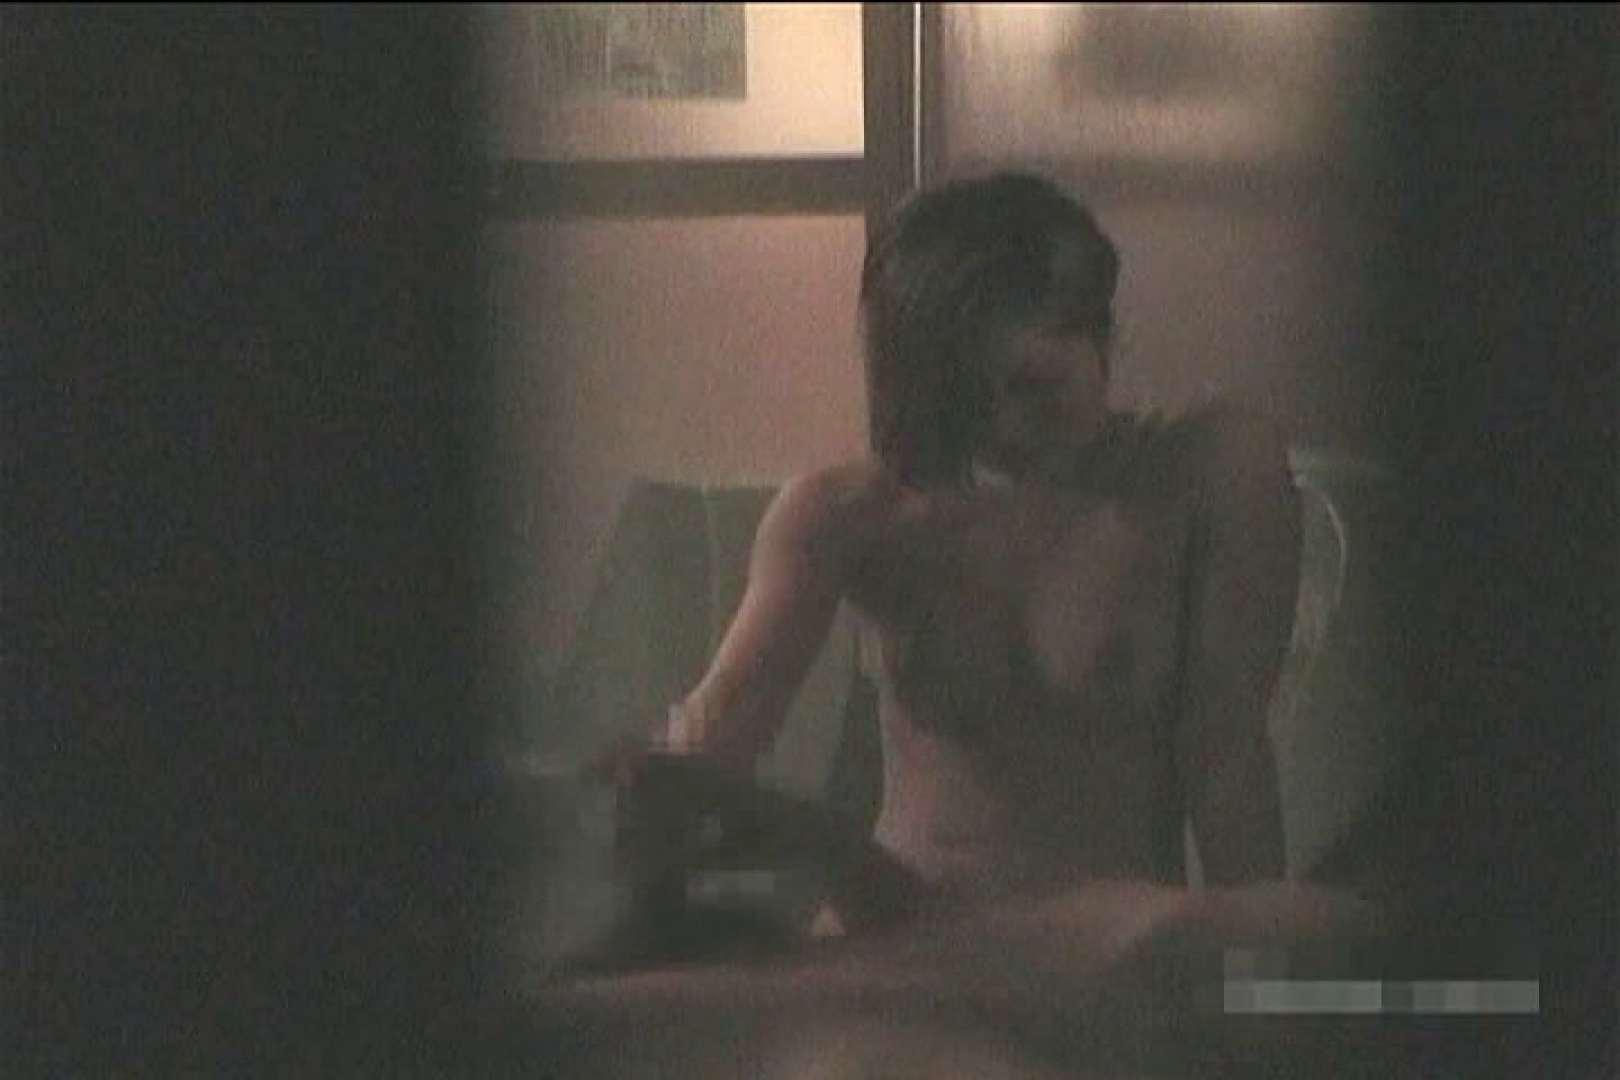 全裸で発情!!家族風呂の実態Vol.1 カップル ヌード画像 108連発 22